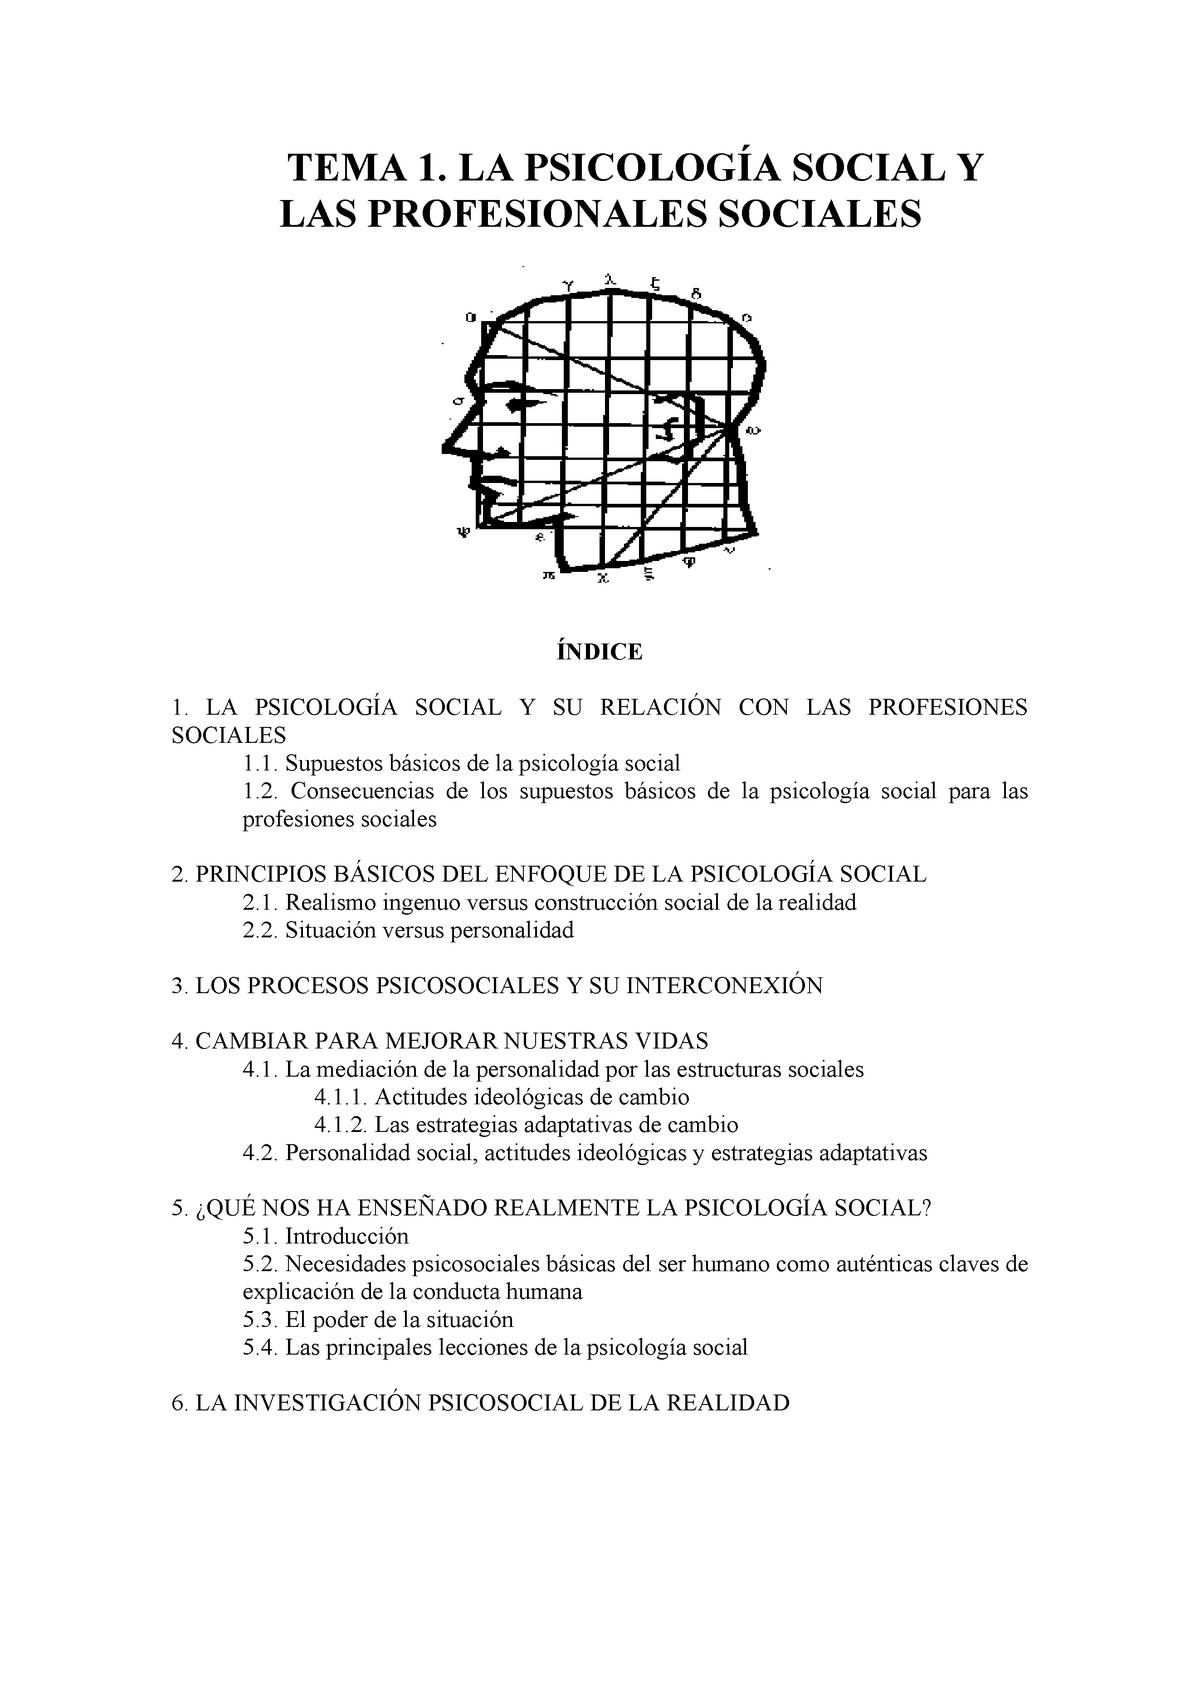 Tema 1 Psicología Social Profesiones Sociales - 41815 - StuDocu